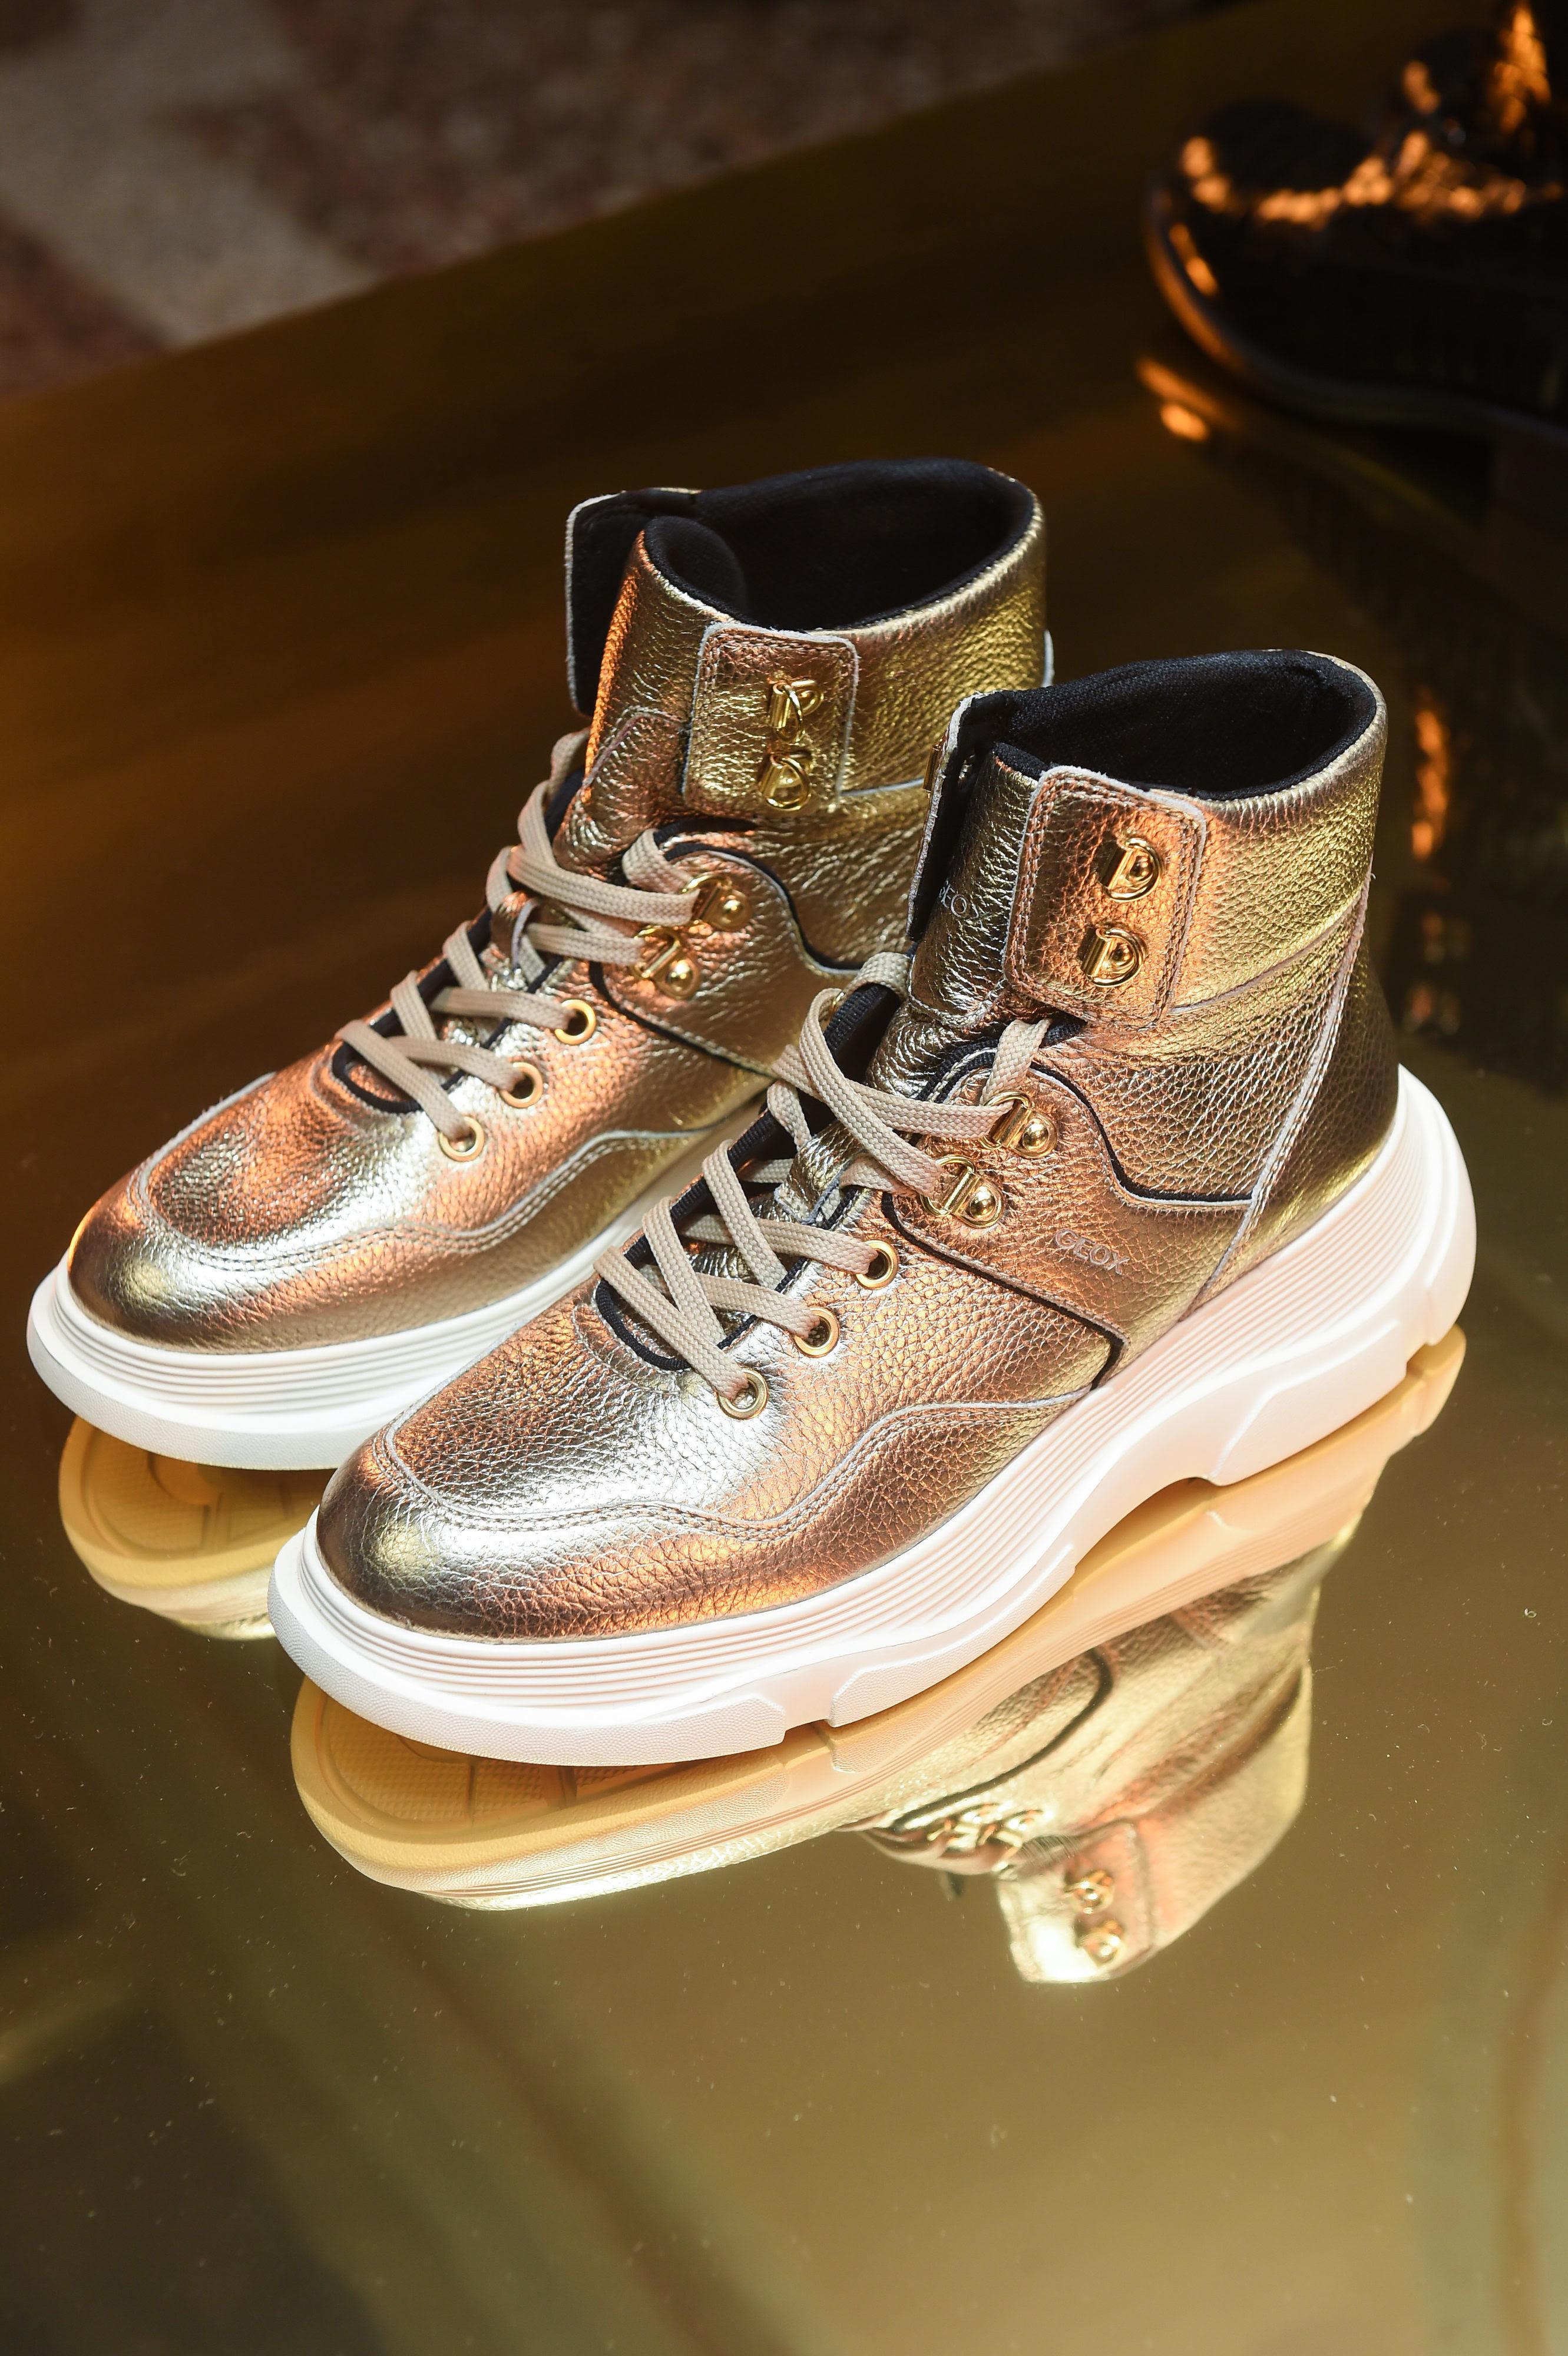 d98137f2 79fe 4945 b4fa fcb691e7cccc - GEOX presenta su colección Otoño/Invierno 2020 de calzado y prendas exteriores para mujer